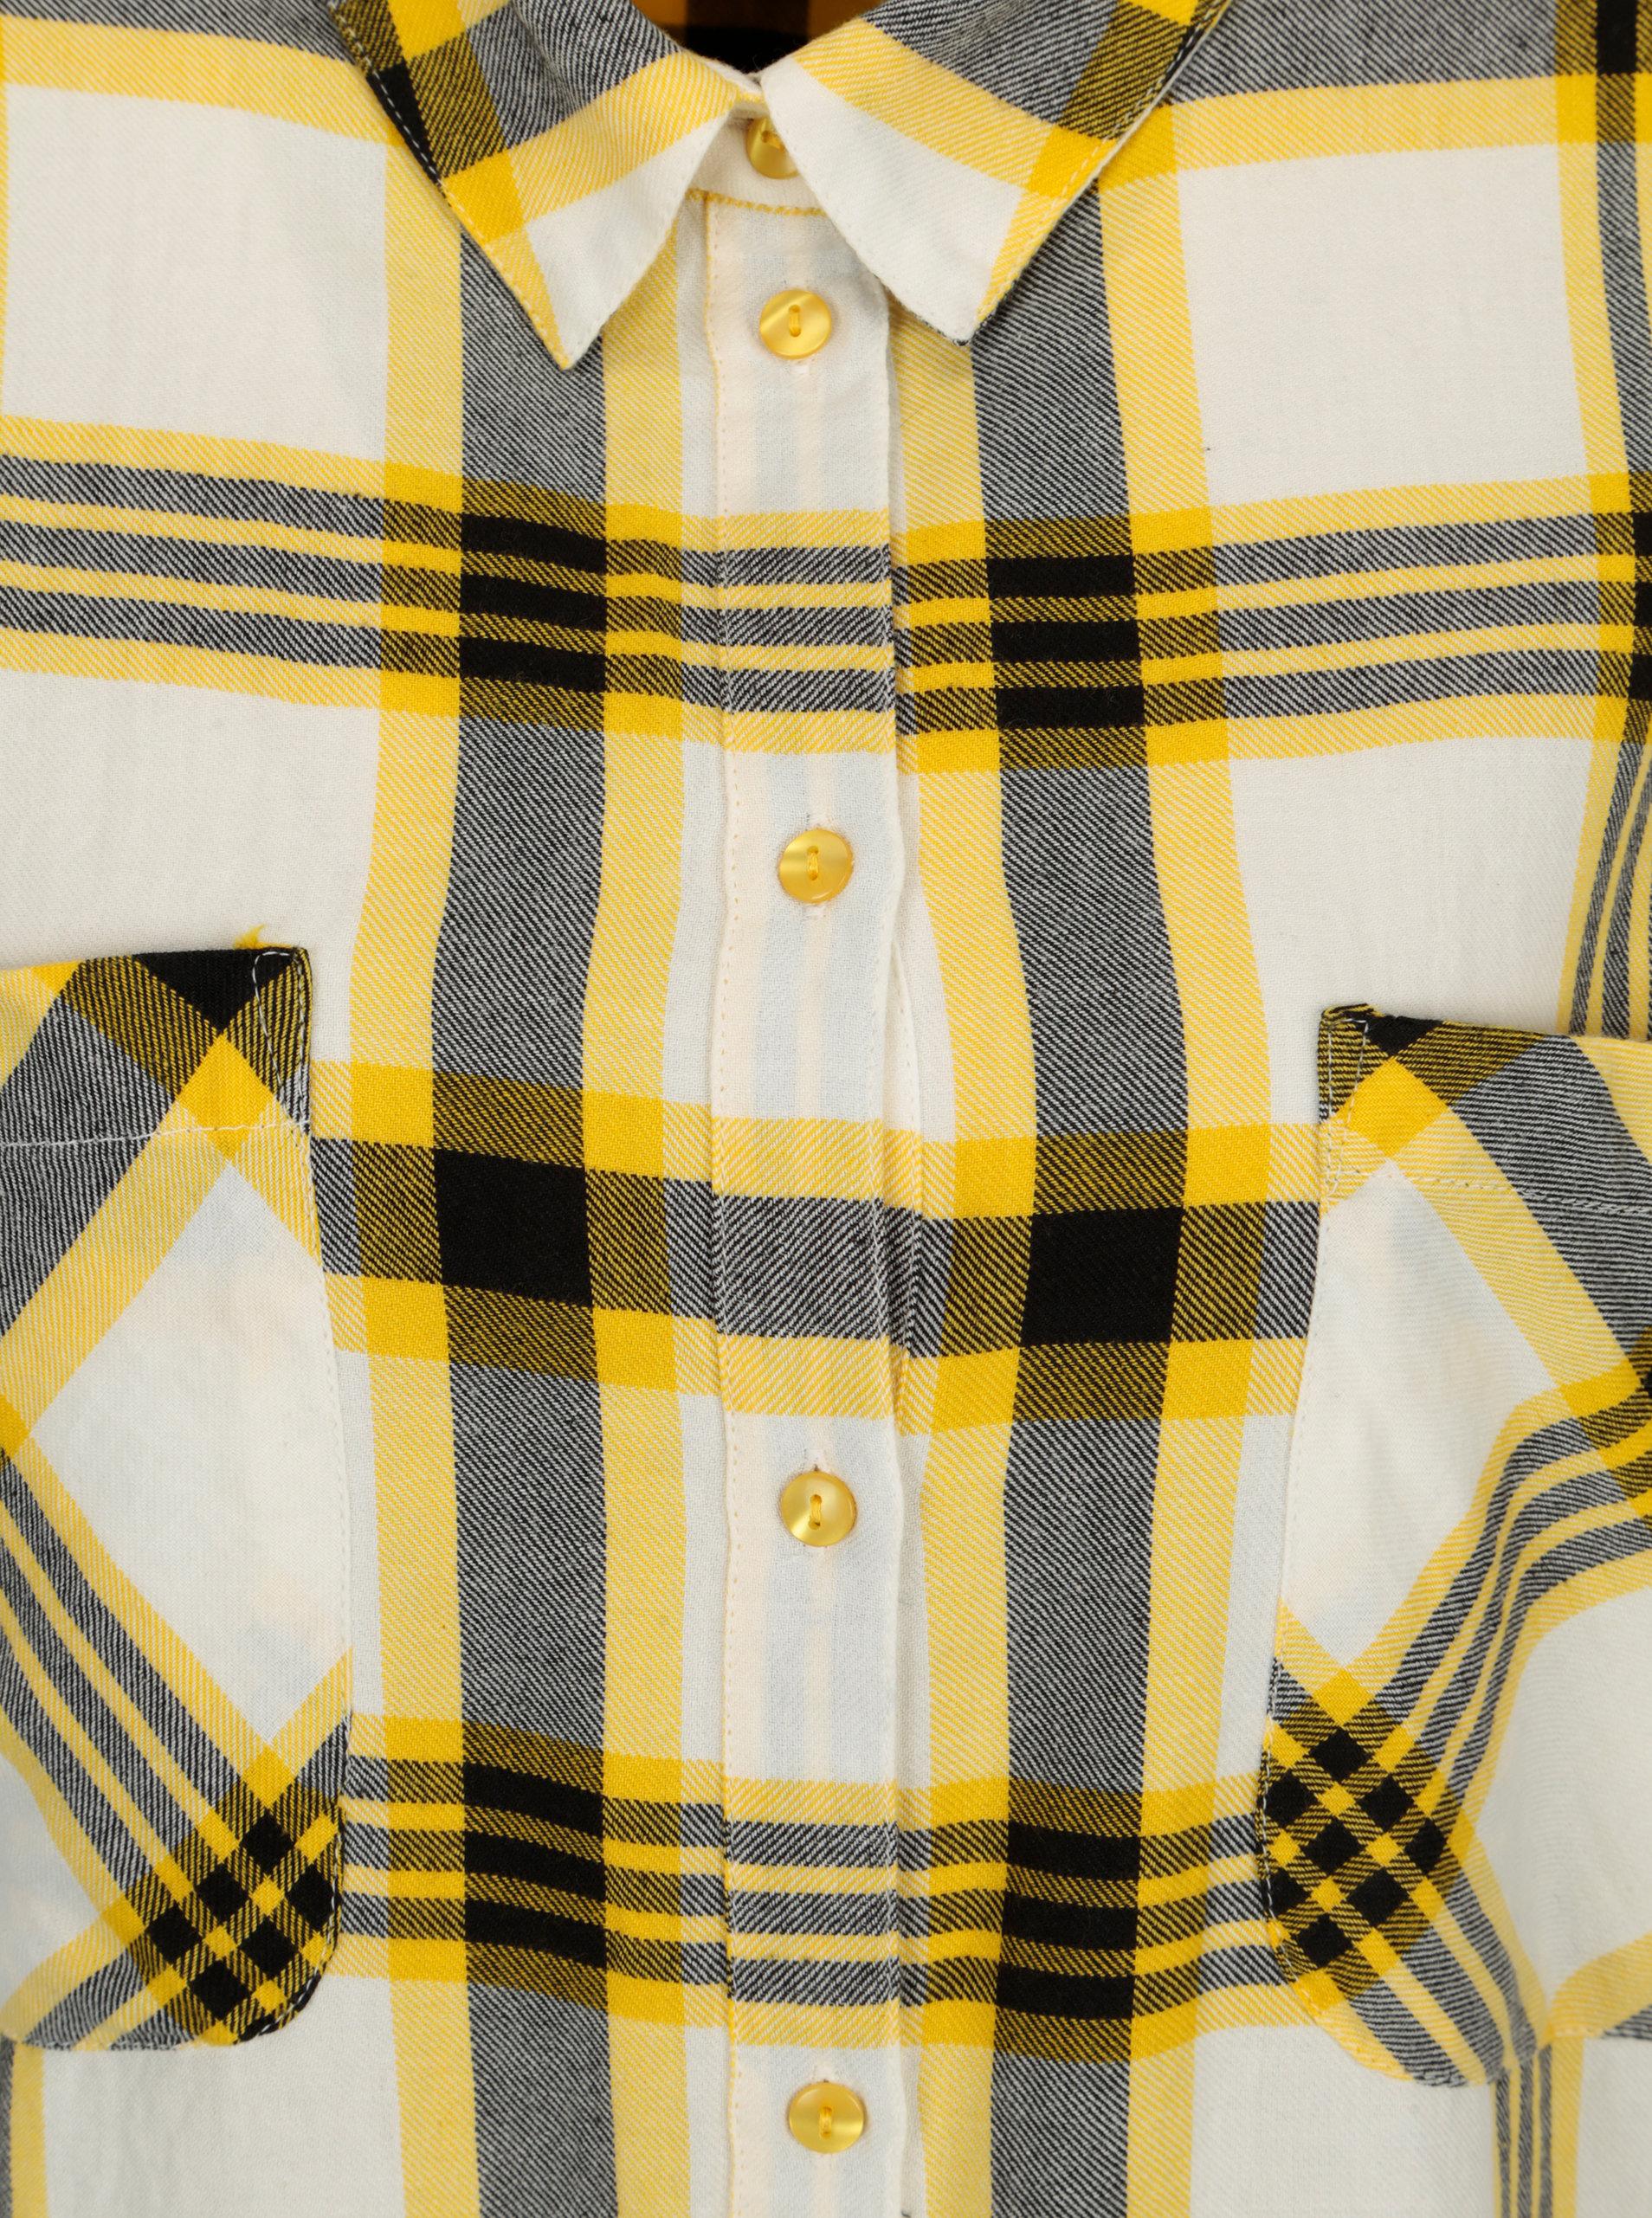 Žlutá dlouhá kostkovaná košile Noisy May Erik ... 370d089e0a